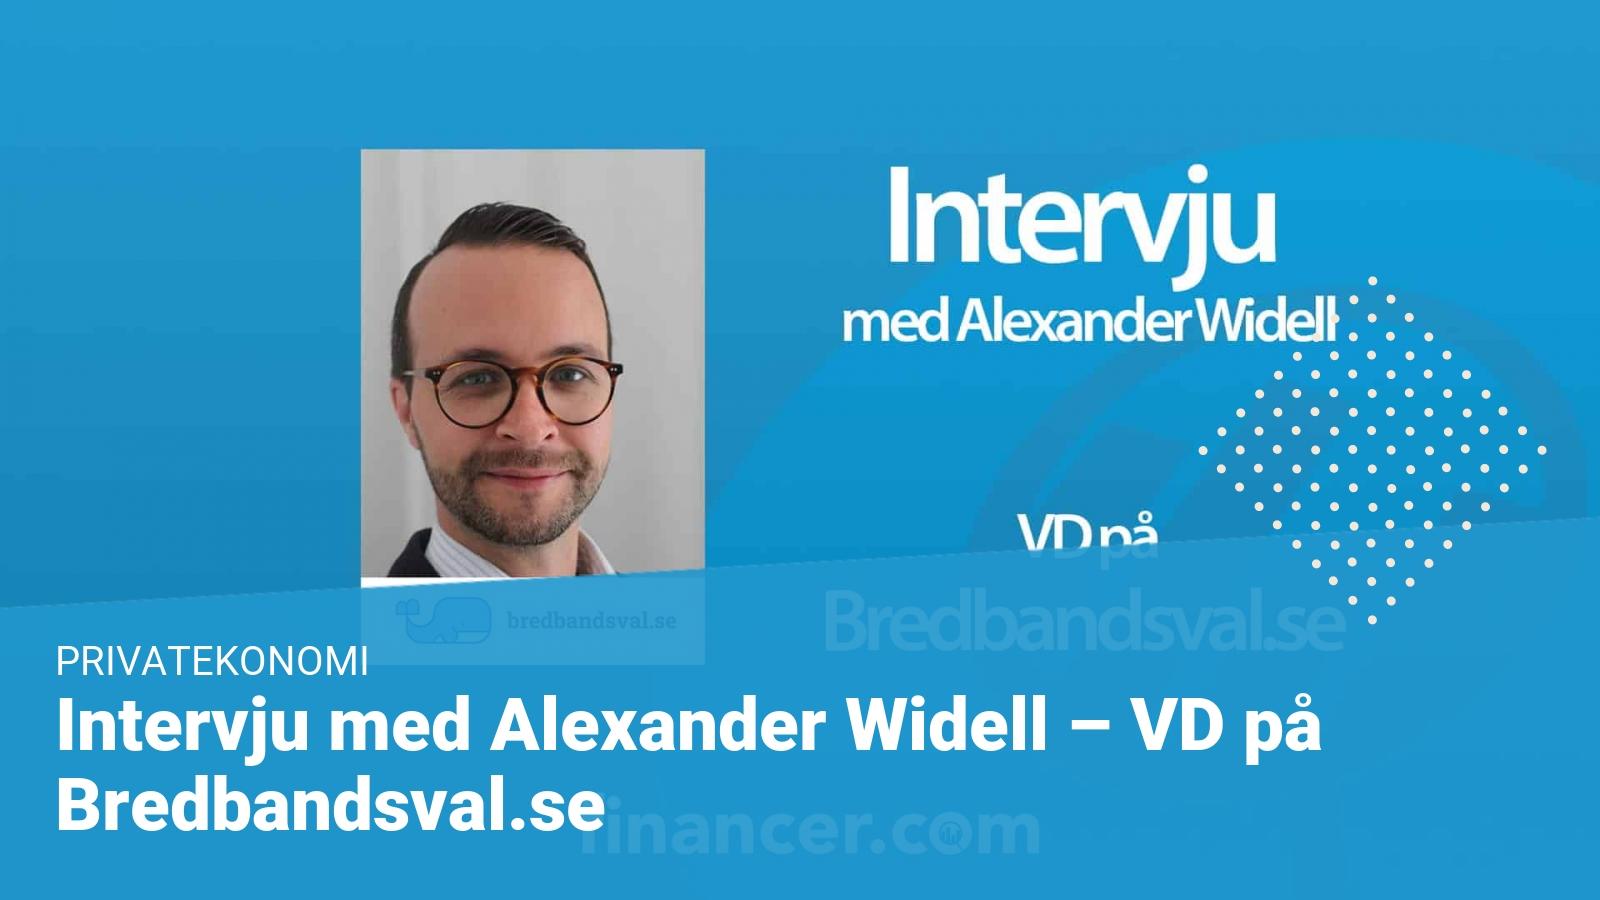 Alexander Widell - VD på Bredbandsval